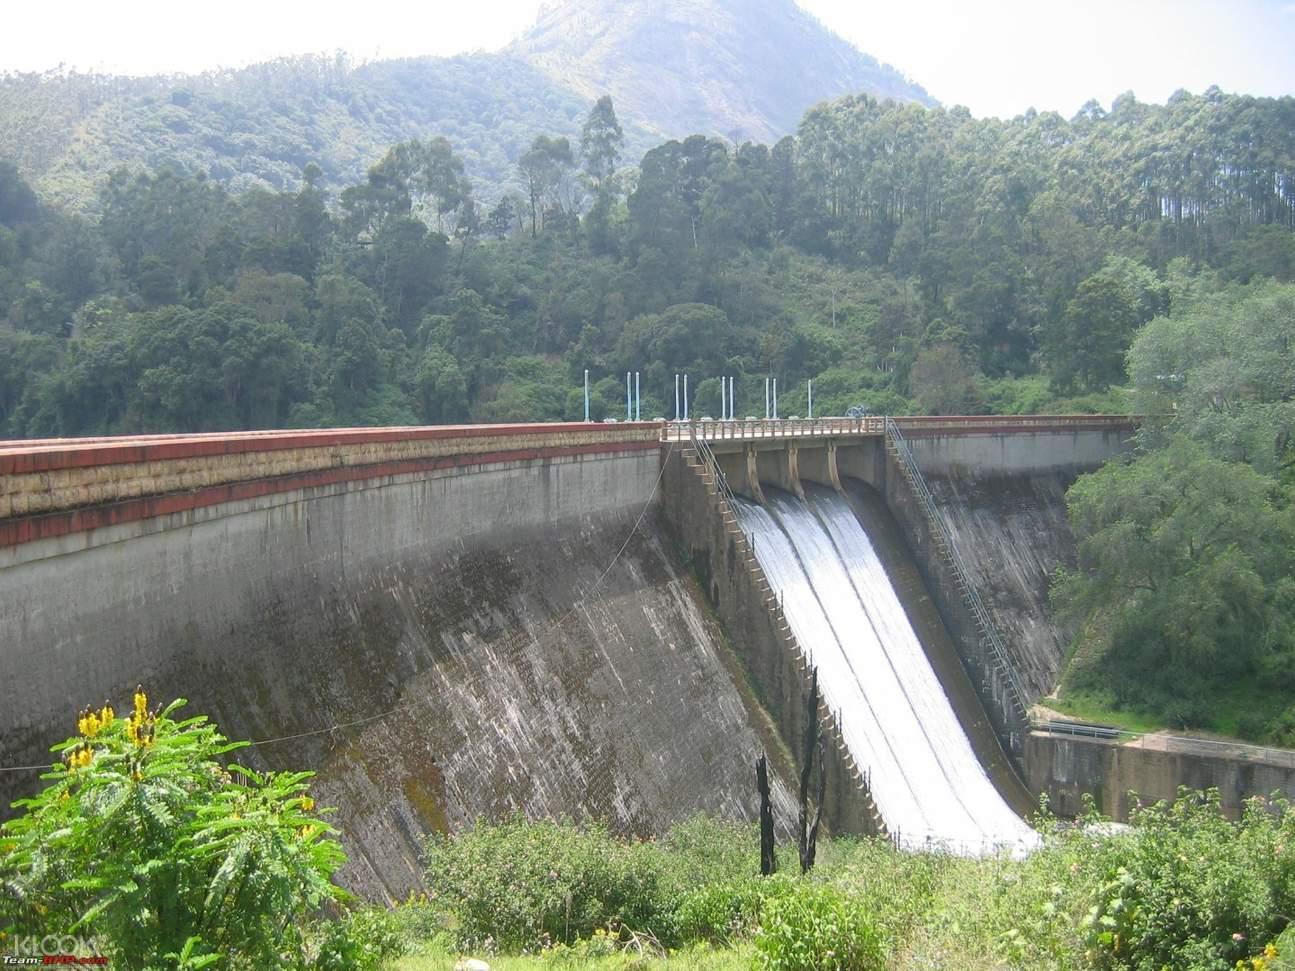 mattupetty dam大壩